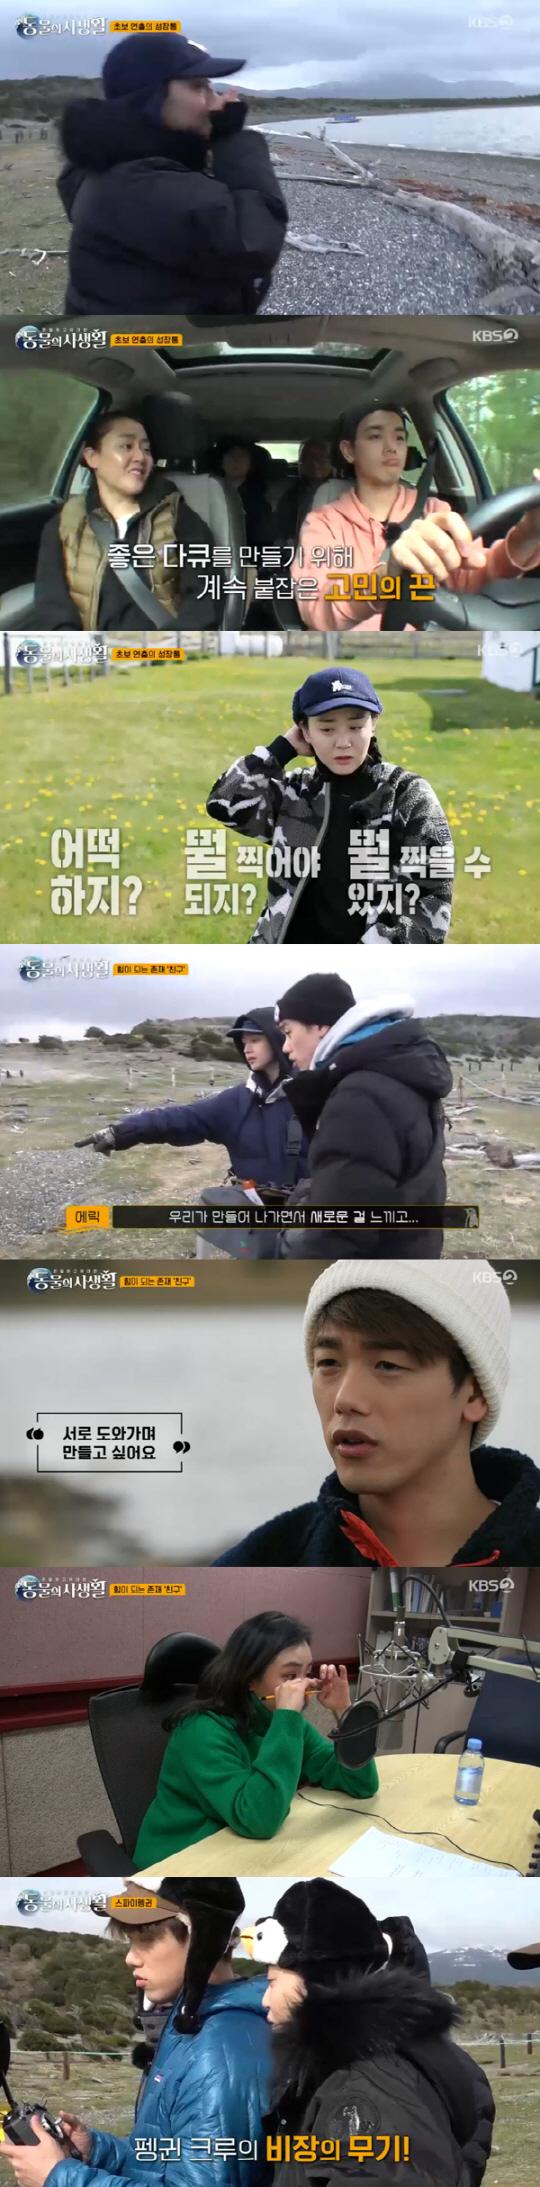 [종합]'동물의 사생활' 문근영X김혜성X에릭남, 펭귄VS도둑갈매기 전투포착 '긴박'